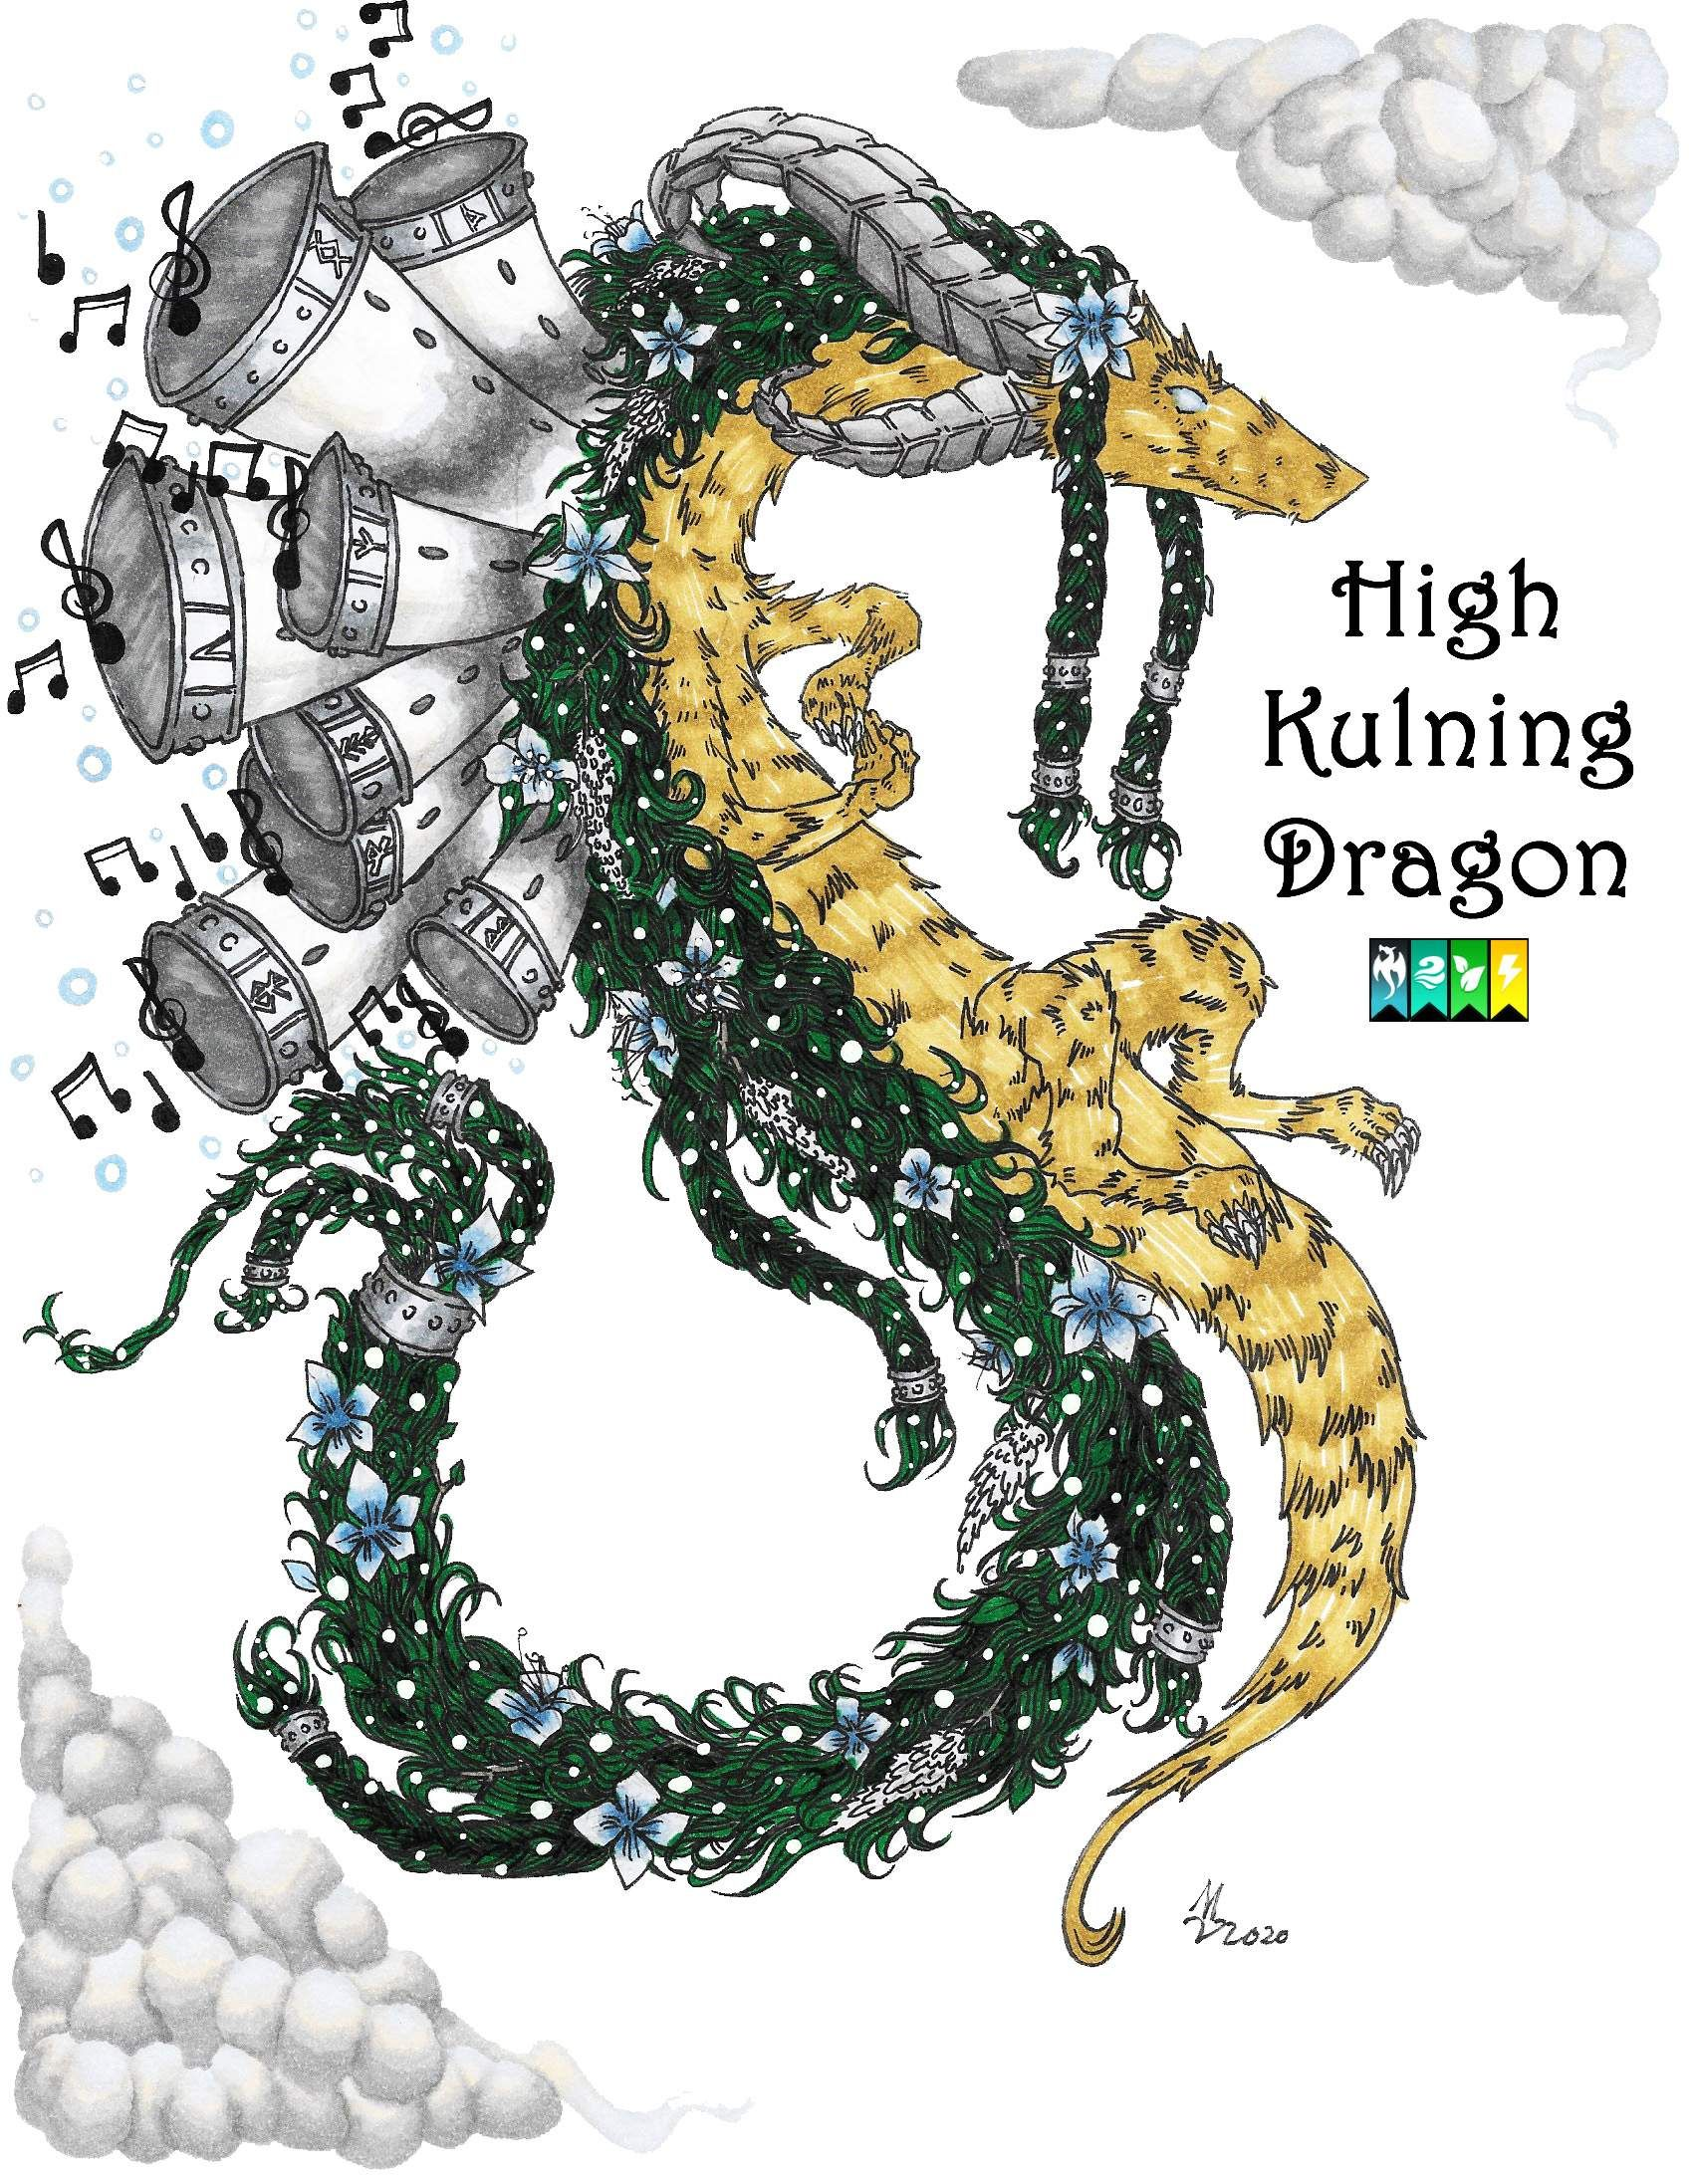 0_1614715187527_High Kulning Dragon.jpg